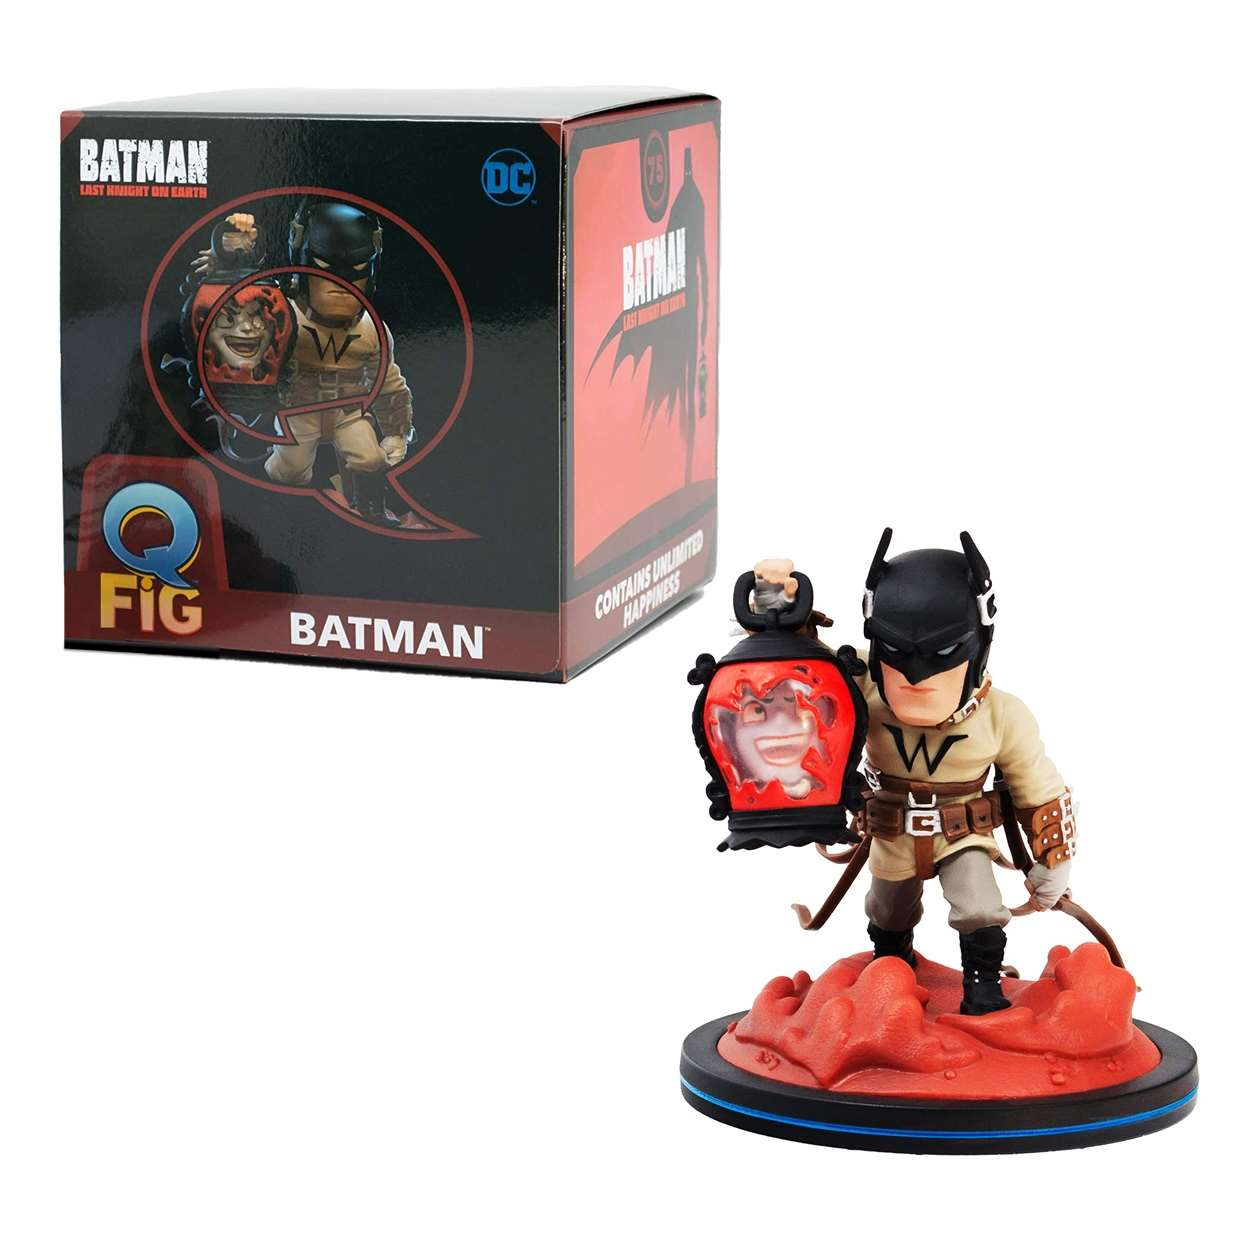 Batman Last Knight On Earth #75 Diorama Fig Q Elite